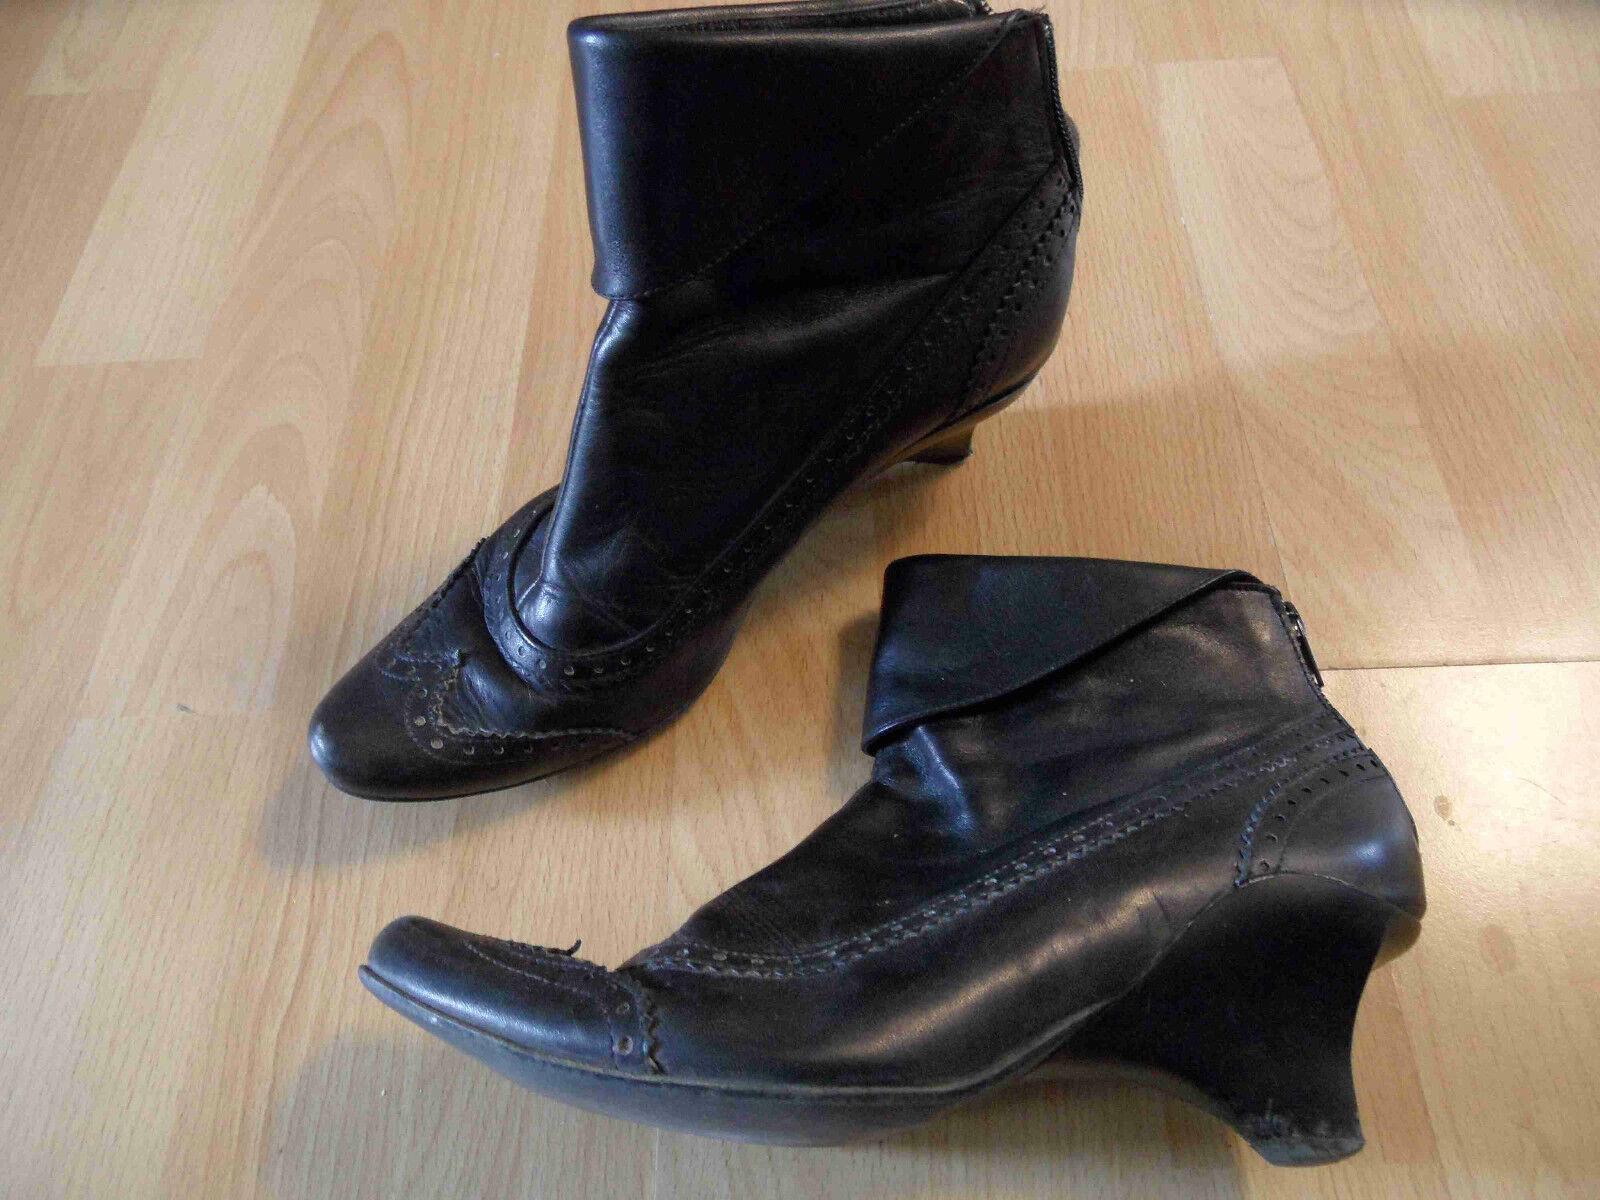 Lisa tucci élégants de Budapest Bottines bottes taille 37 top zc616